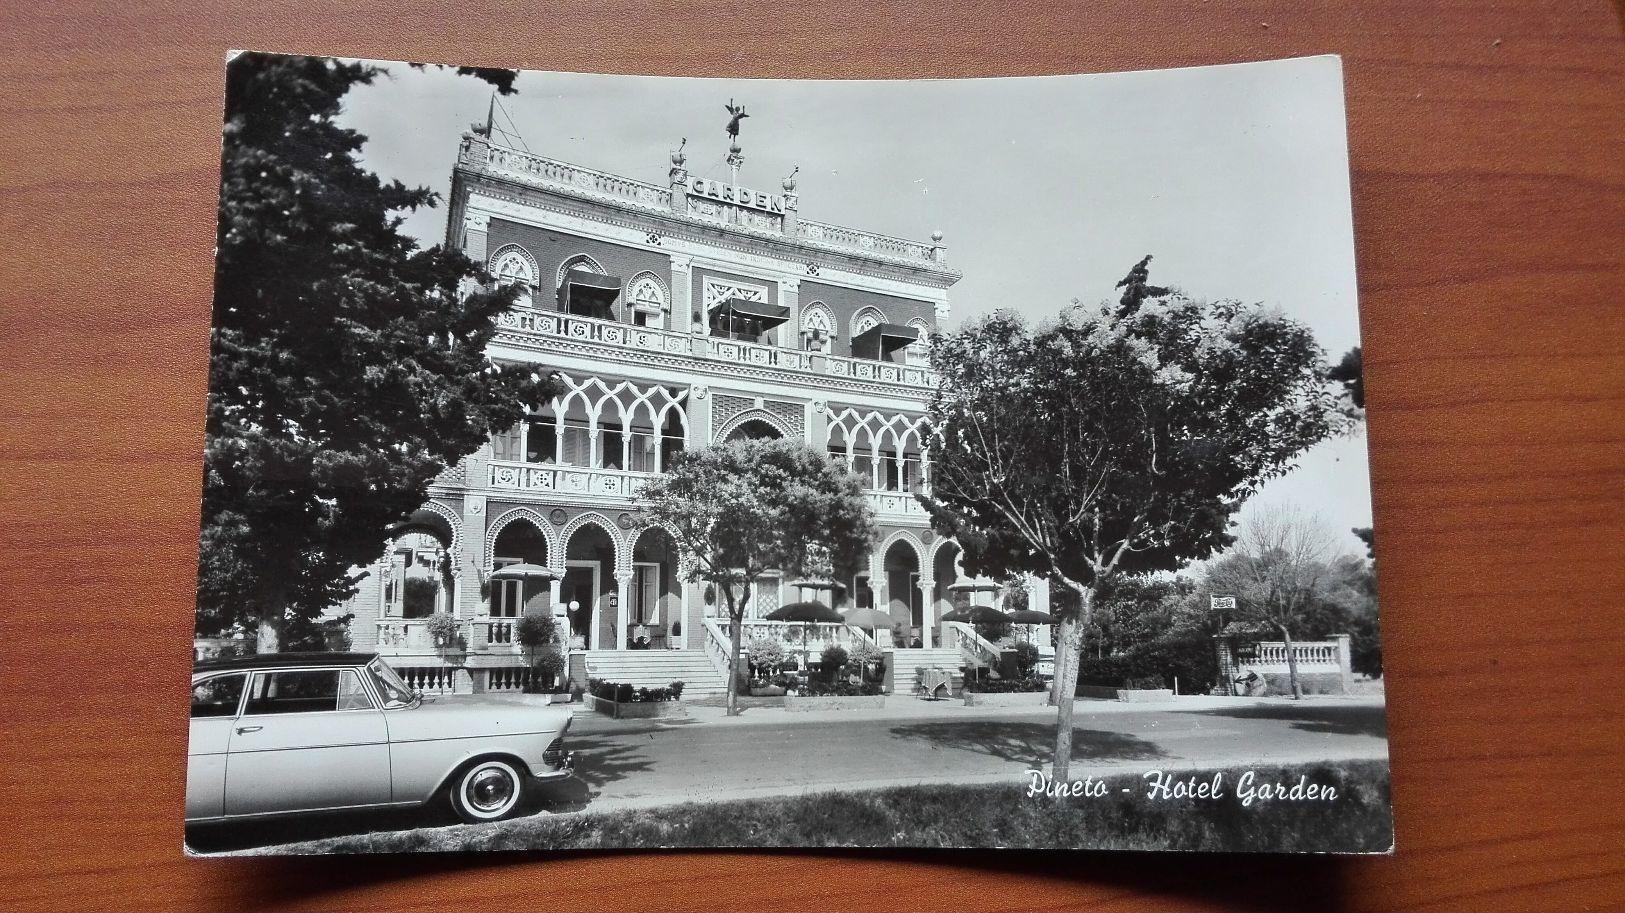 Pineto - Hotel Garden - Teramo